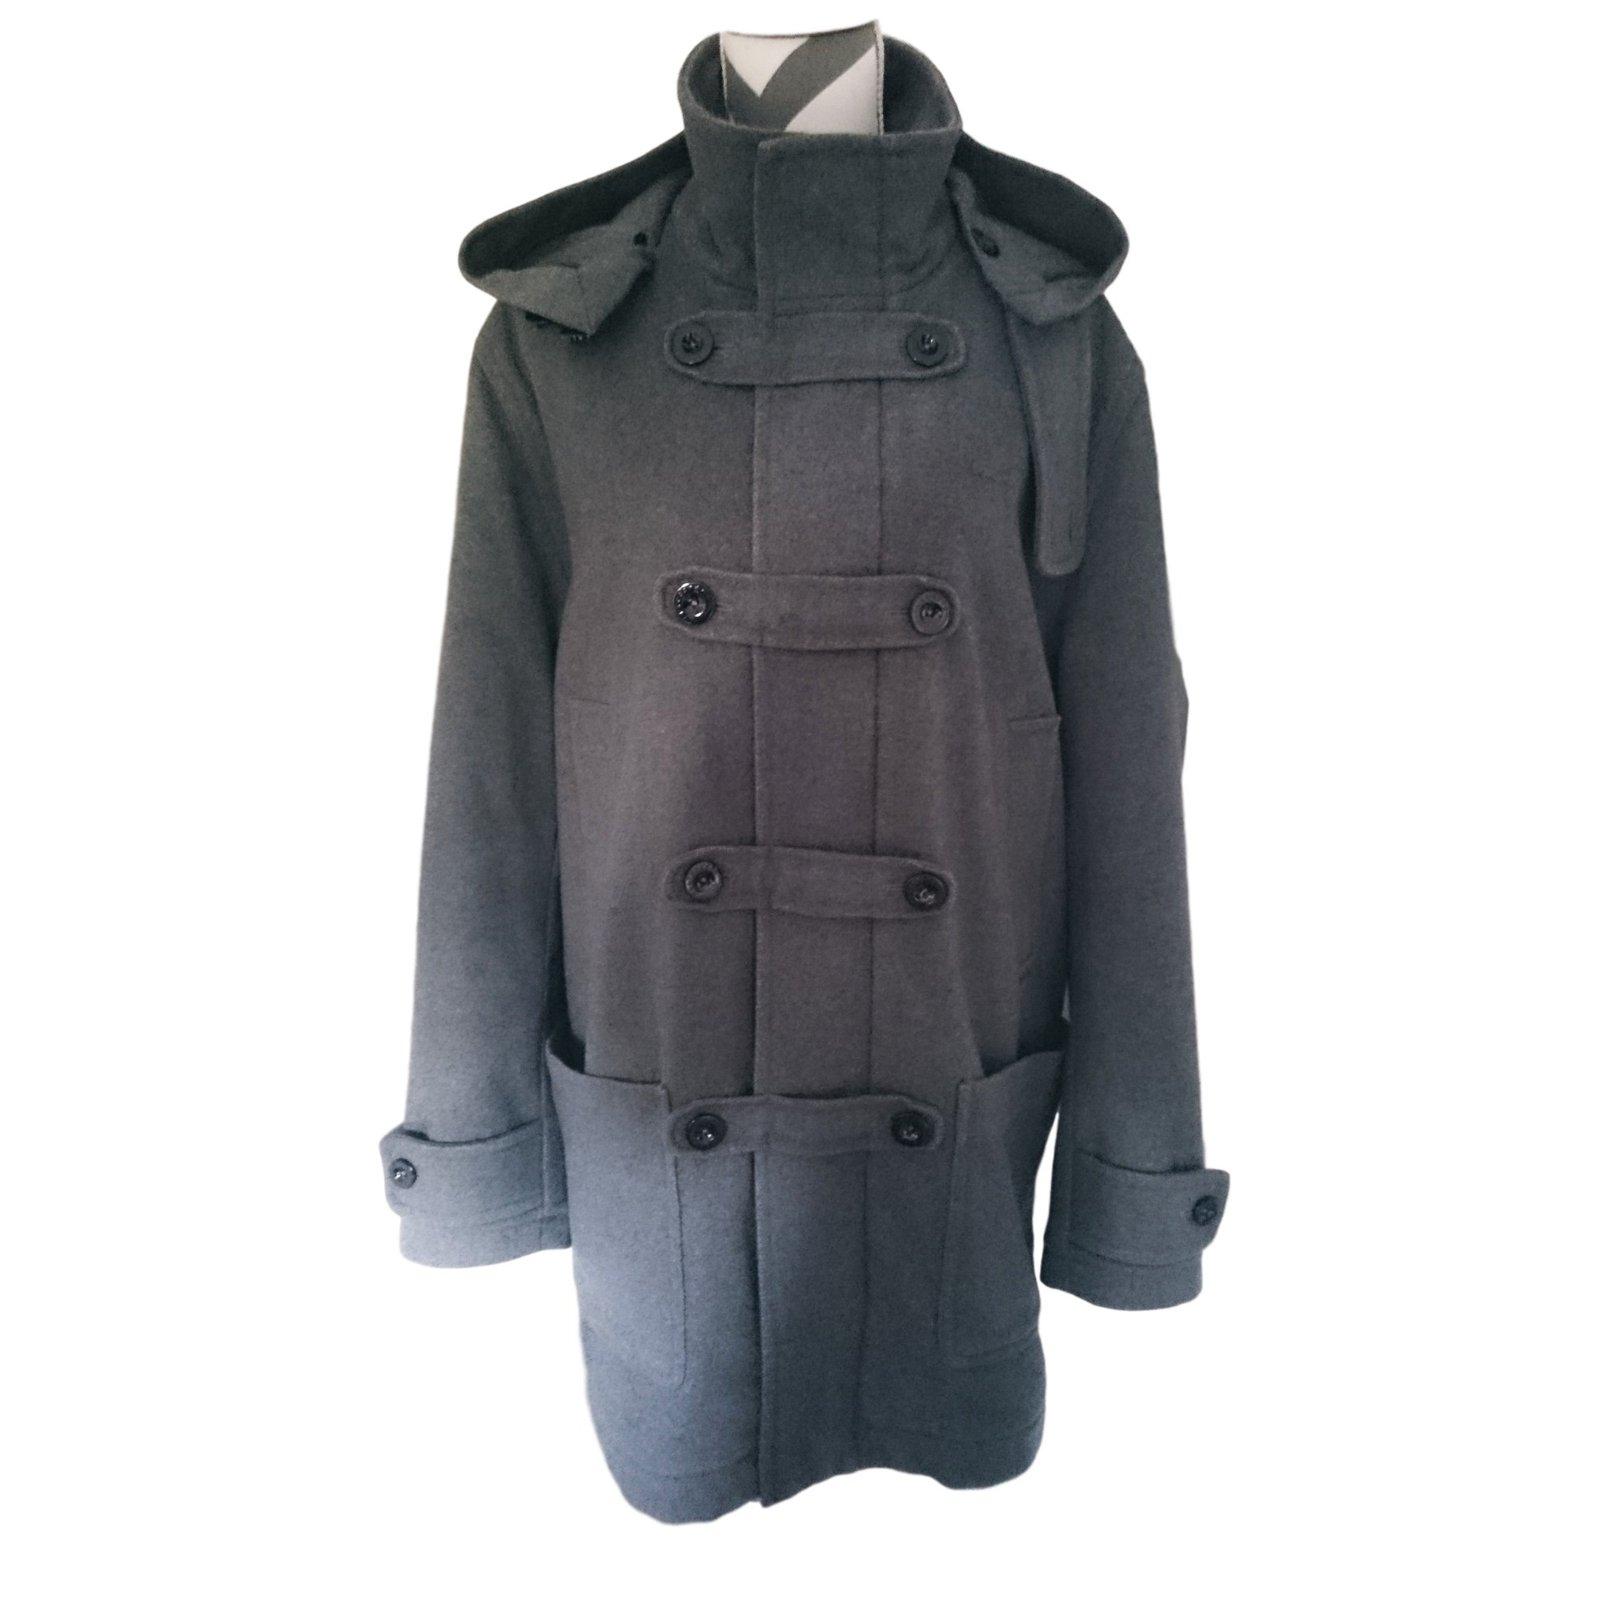 Manteaux Homme Lacoste Manteau Duffle Coat Laine Gris Ref 26821